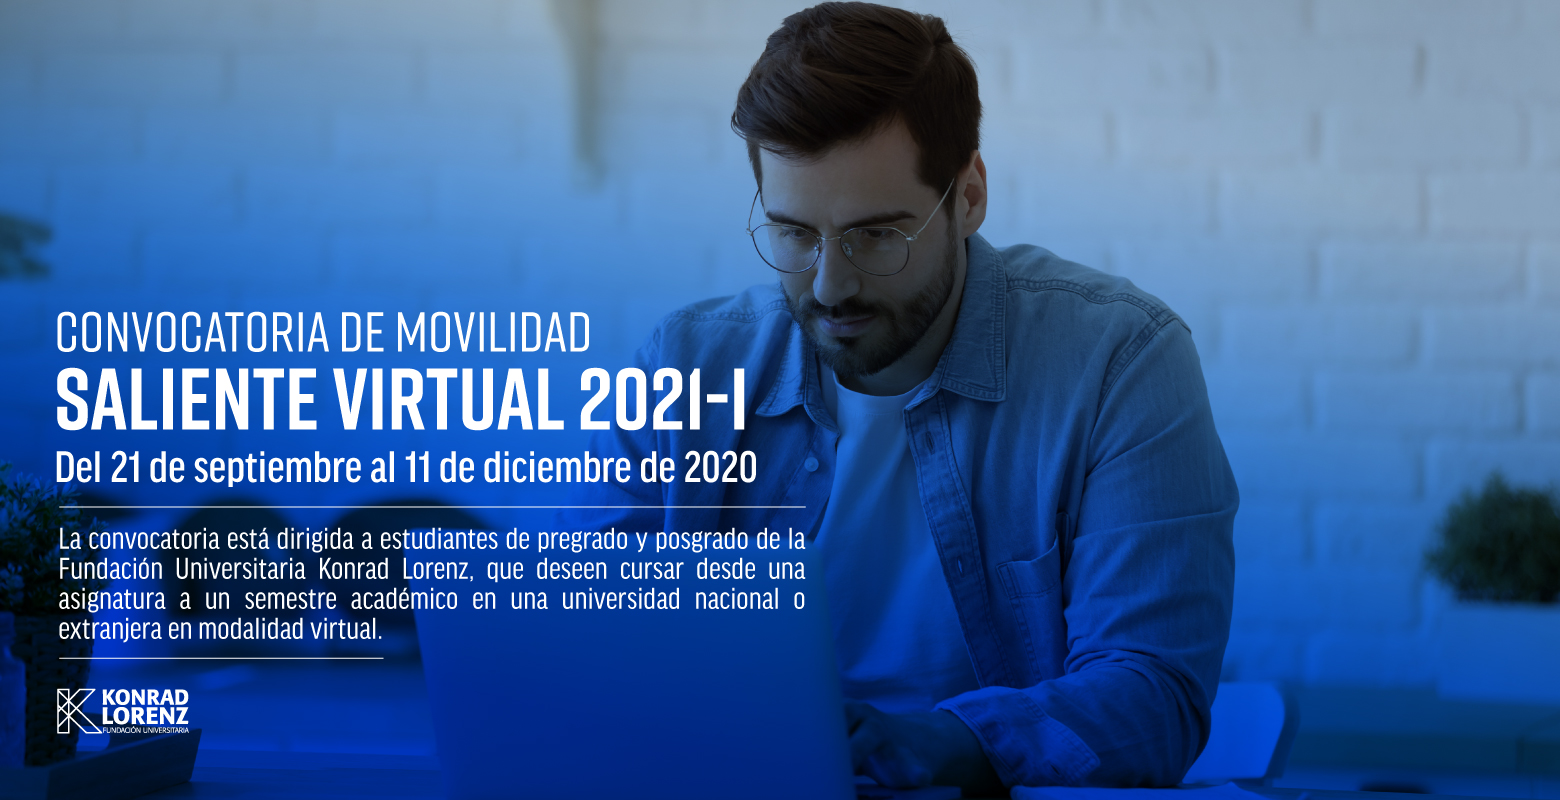 Convocatoria de Movilidad Saliente Virtual 2021-I